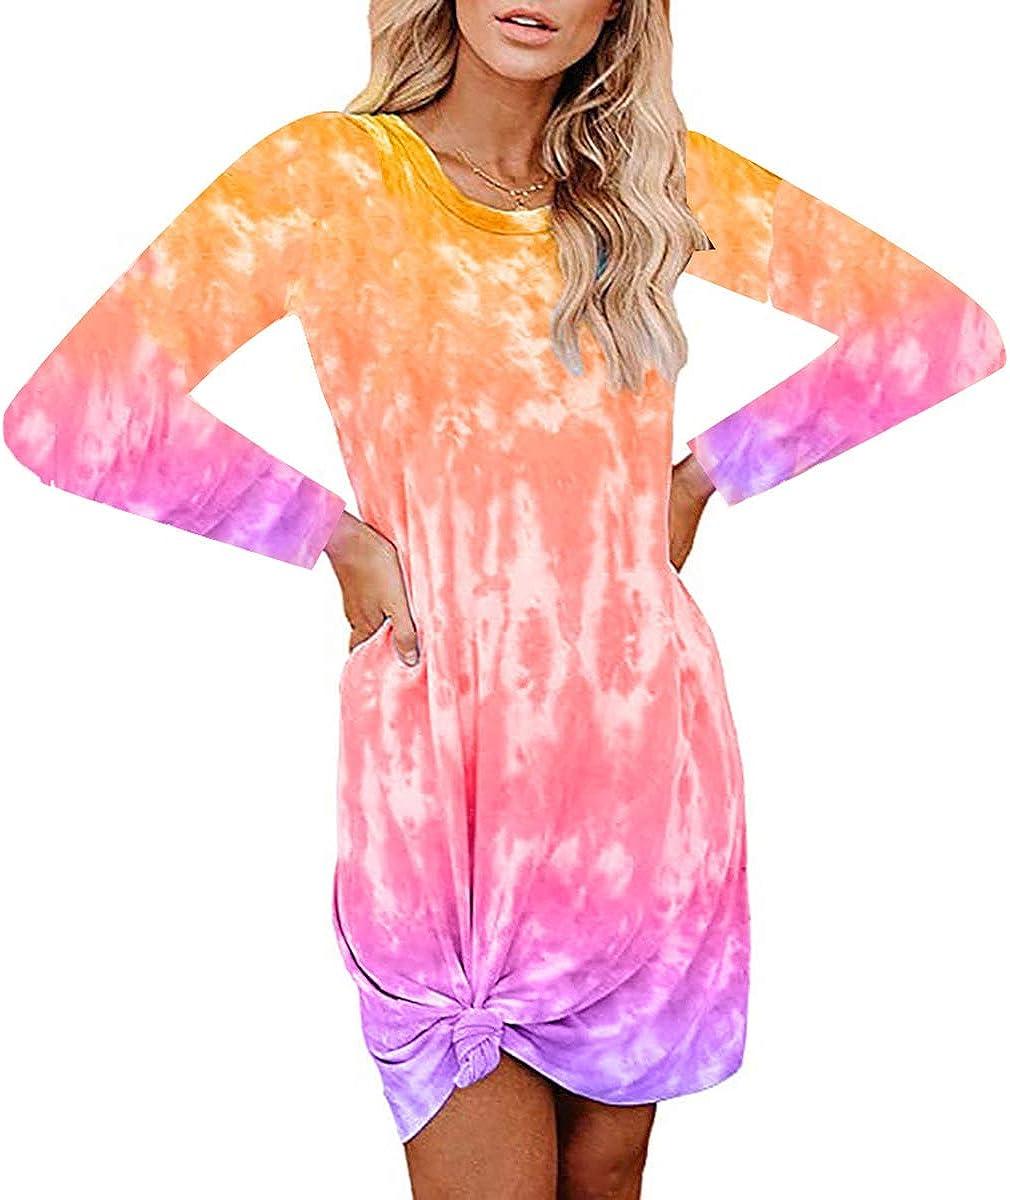 Women Tie sale Dye Dress Long Sleeve Shirt Sleepwear Top Nightgown Lo Dedication